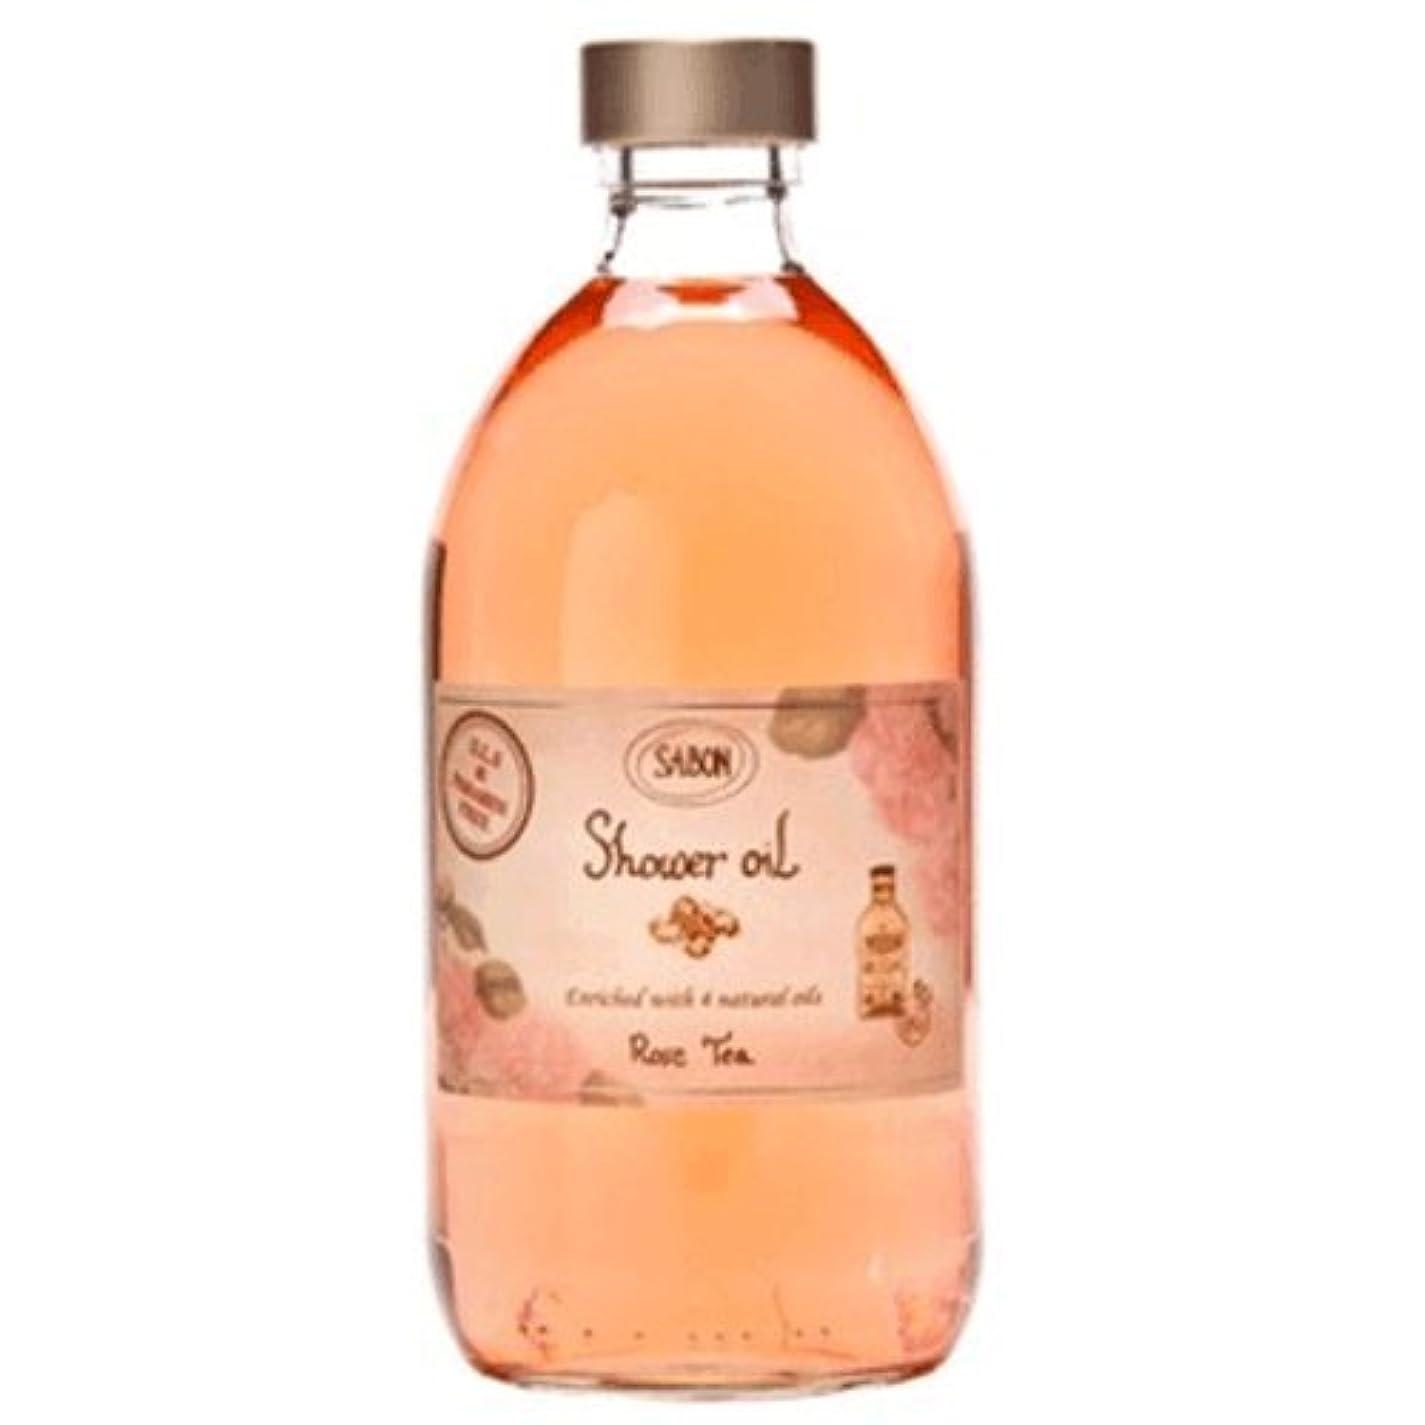 取り囲む回答余計な【サボン】シャワーオイル ローズティー(Rose Tea) ポンプ付き 500ml